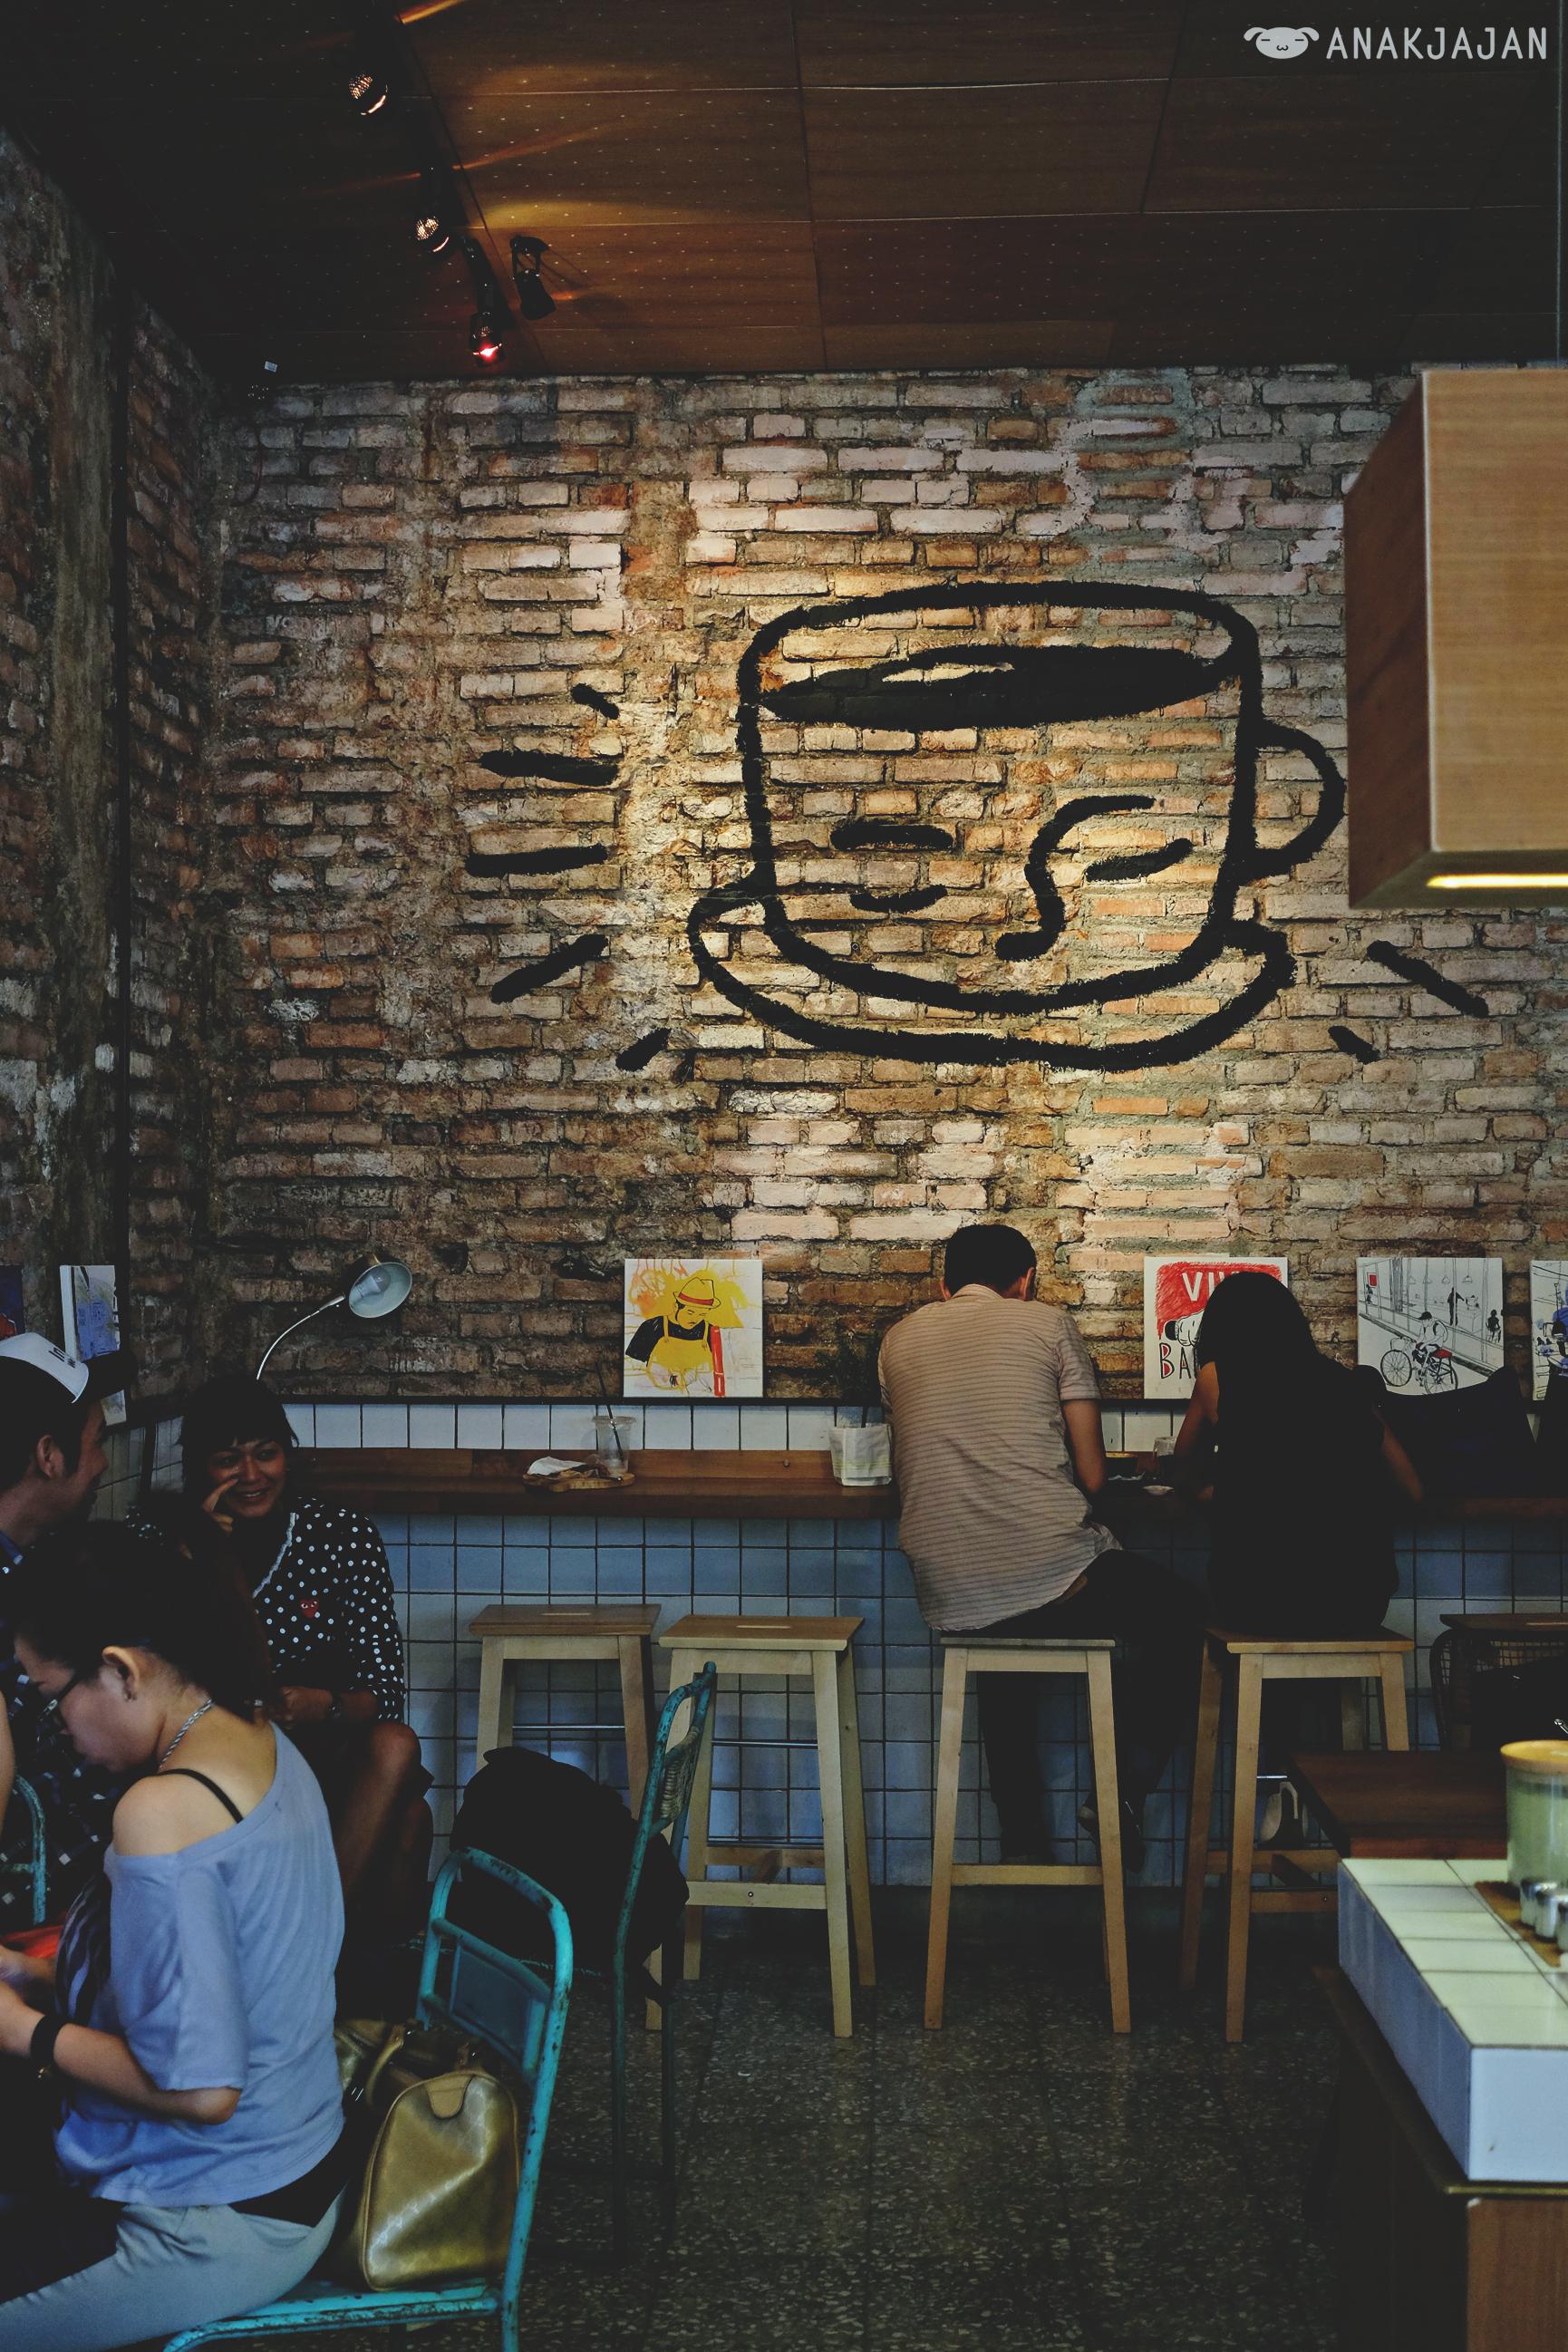 7400 Gambar Keren Untuk Cafe HD